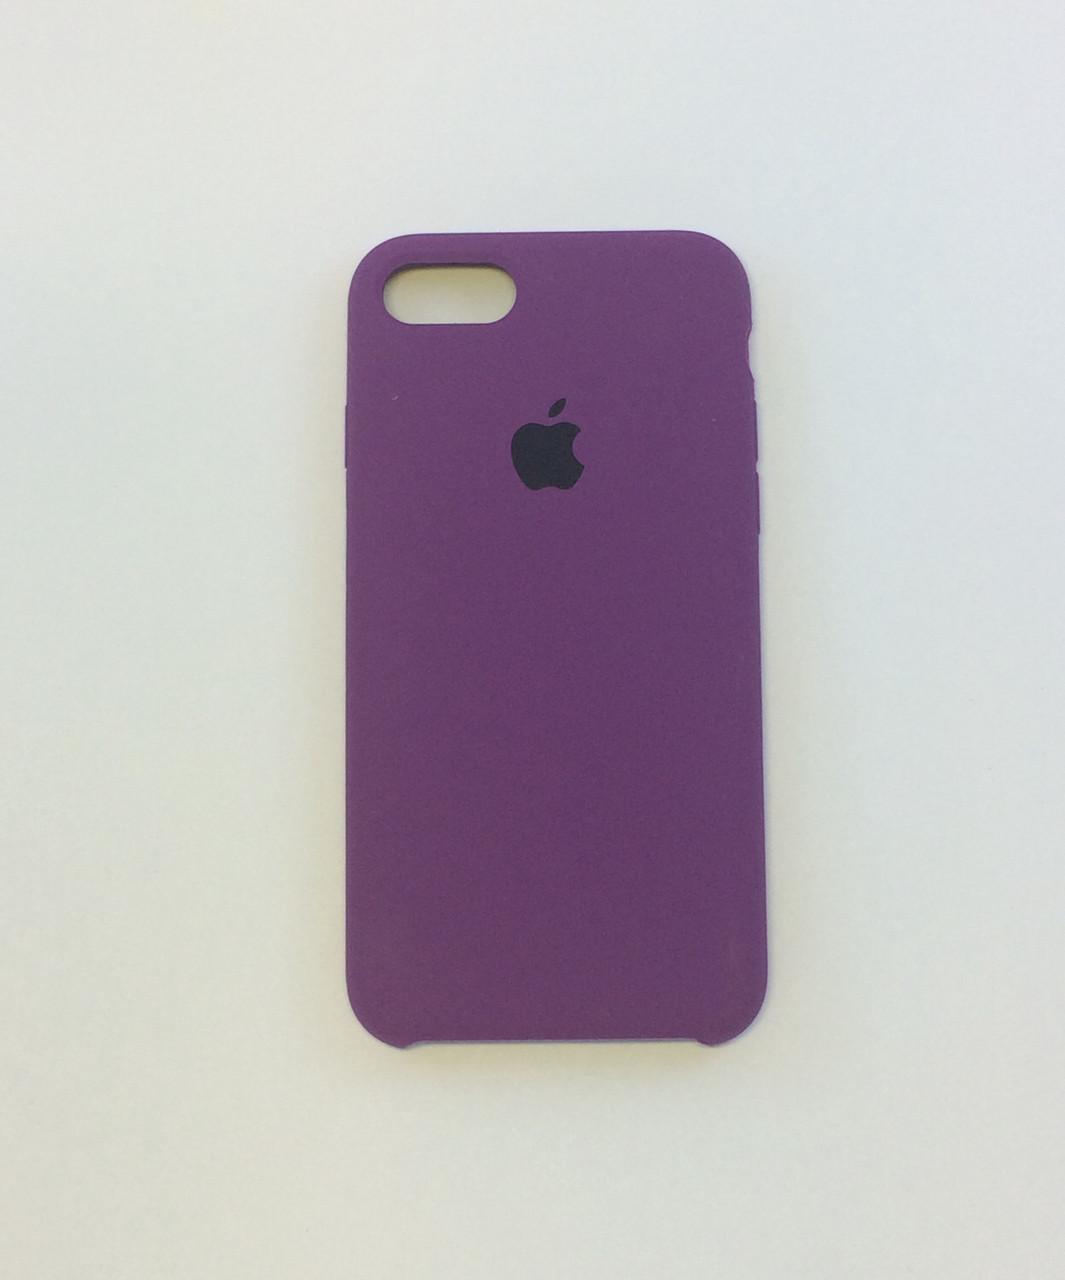 Силиконовый чехол для iPhone 8, - «пурпурный» - copy original